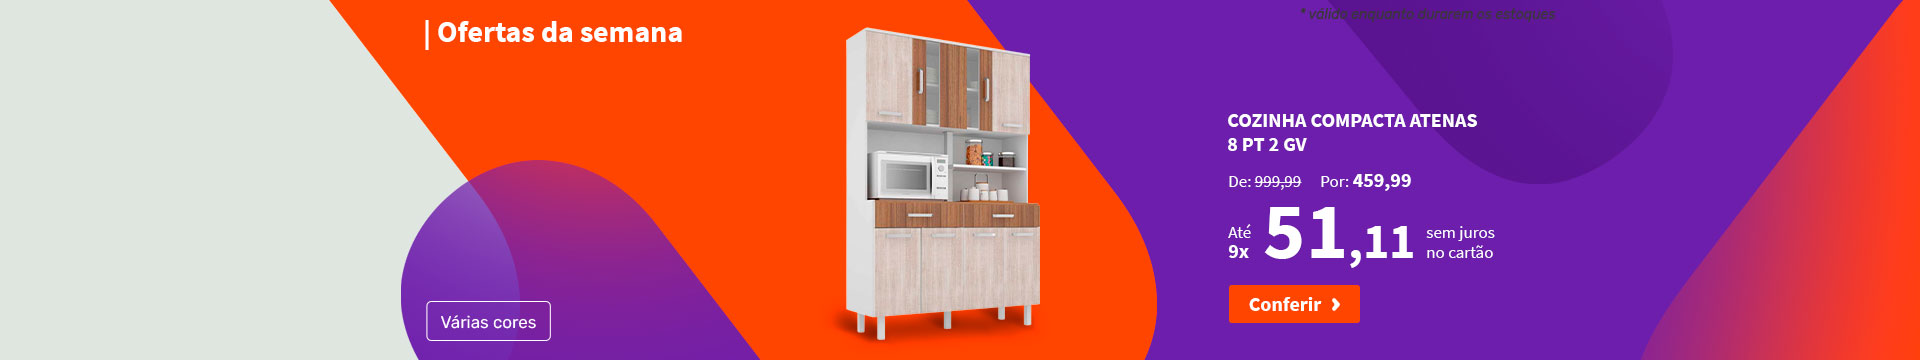 Cozinha Compacta Atenas 8 PT 2 GV - Ofertas da semana